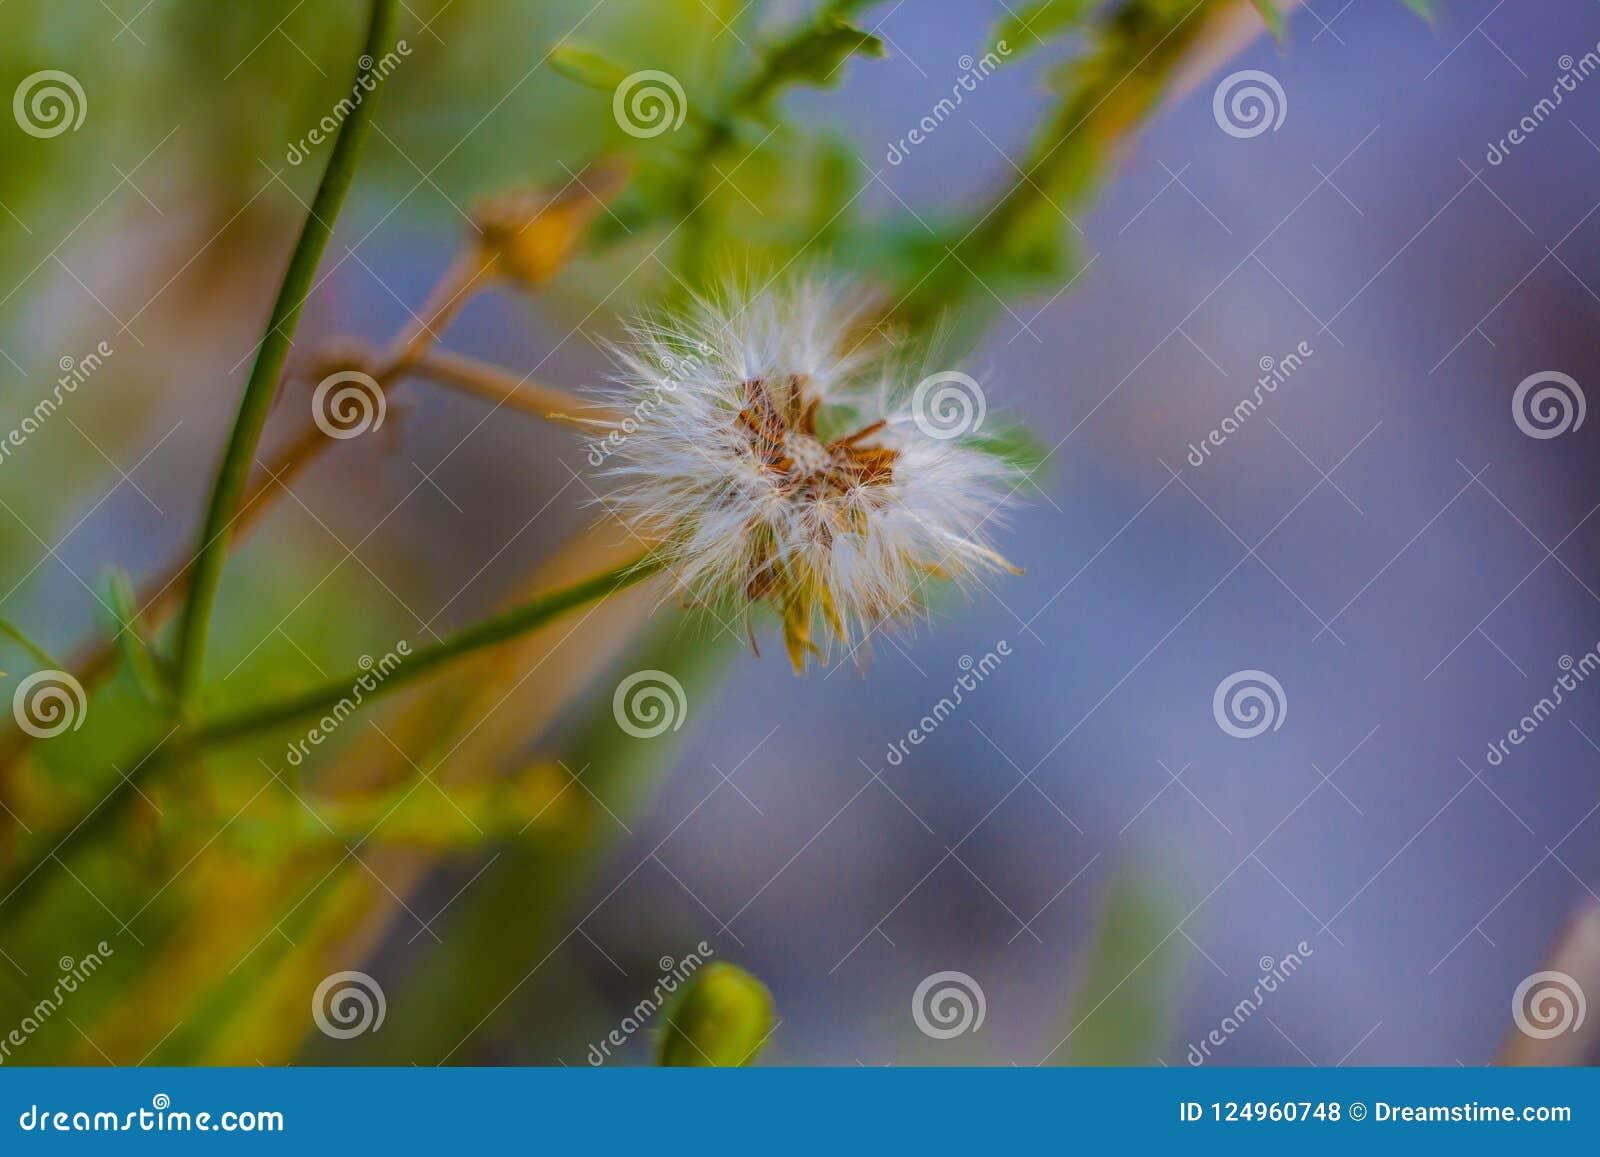 Flory della macchia mediterranea w Puglia